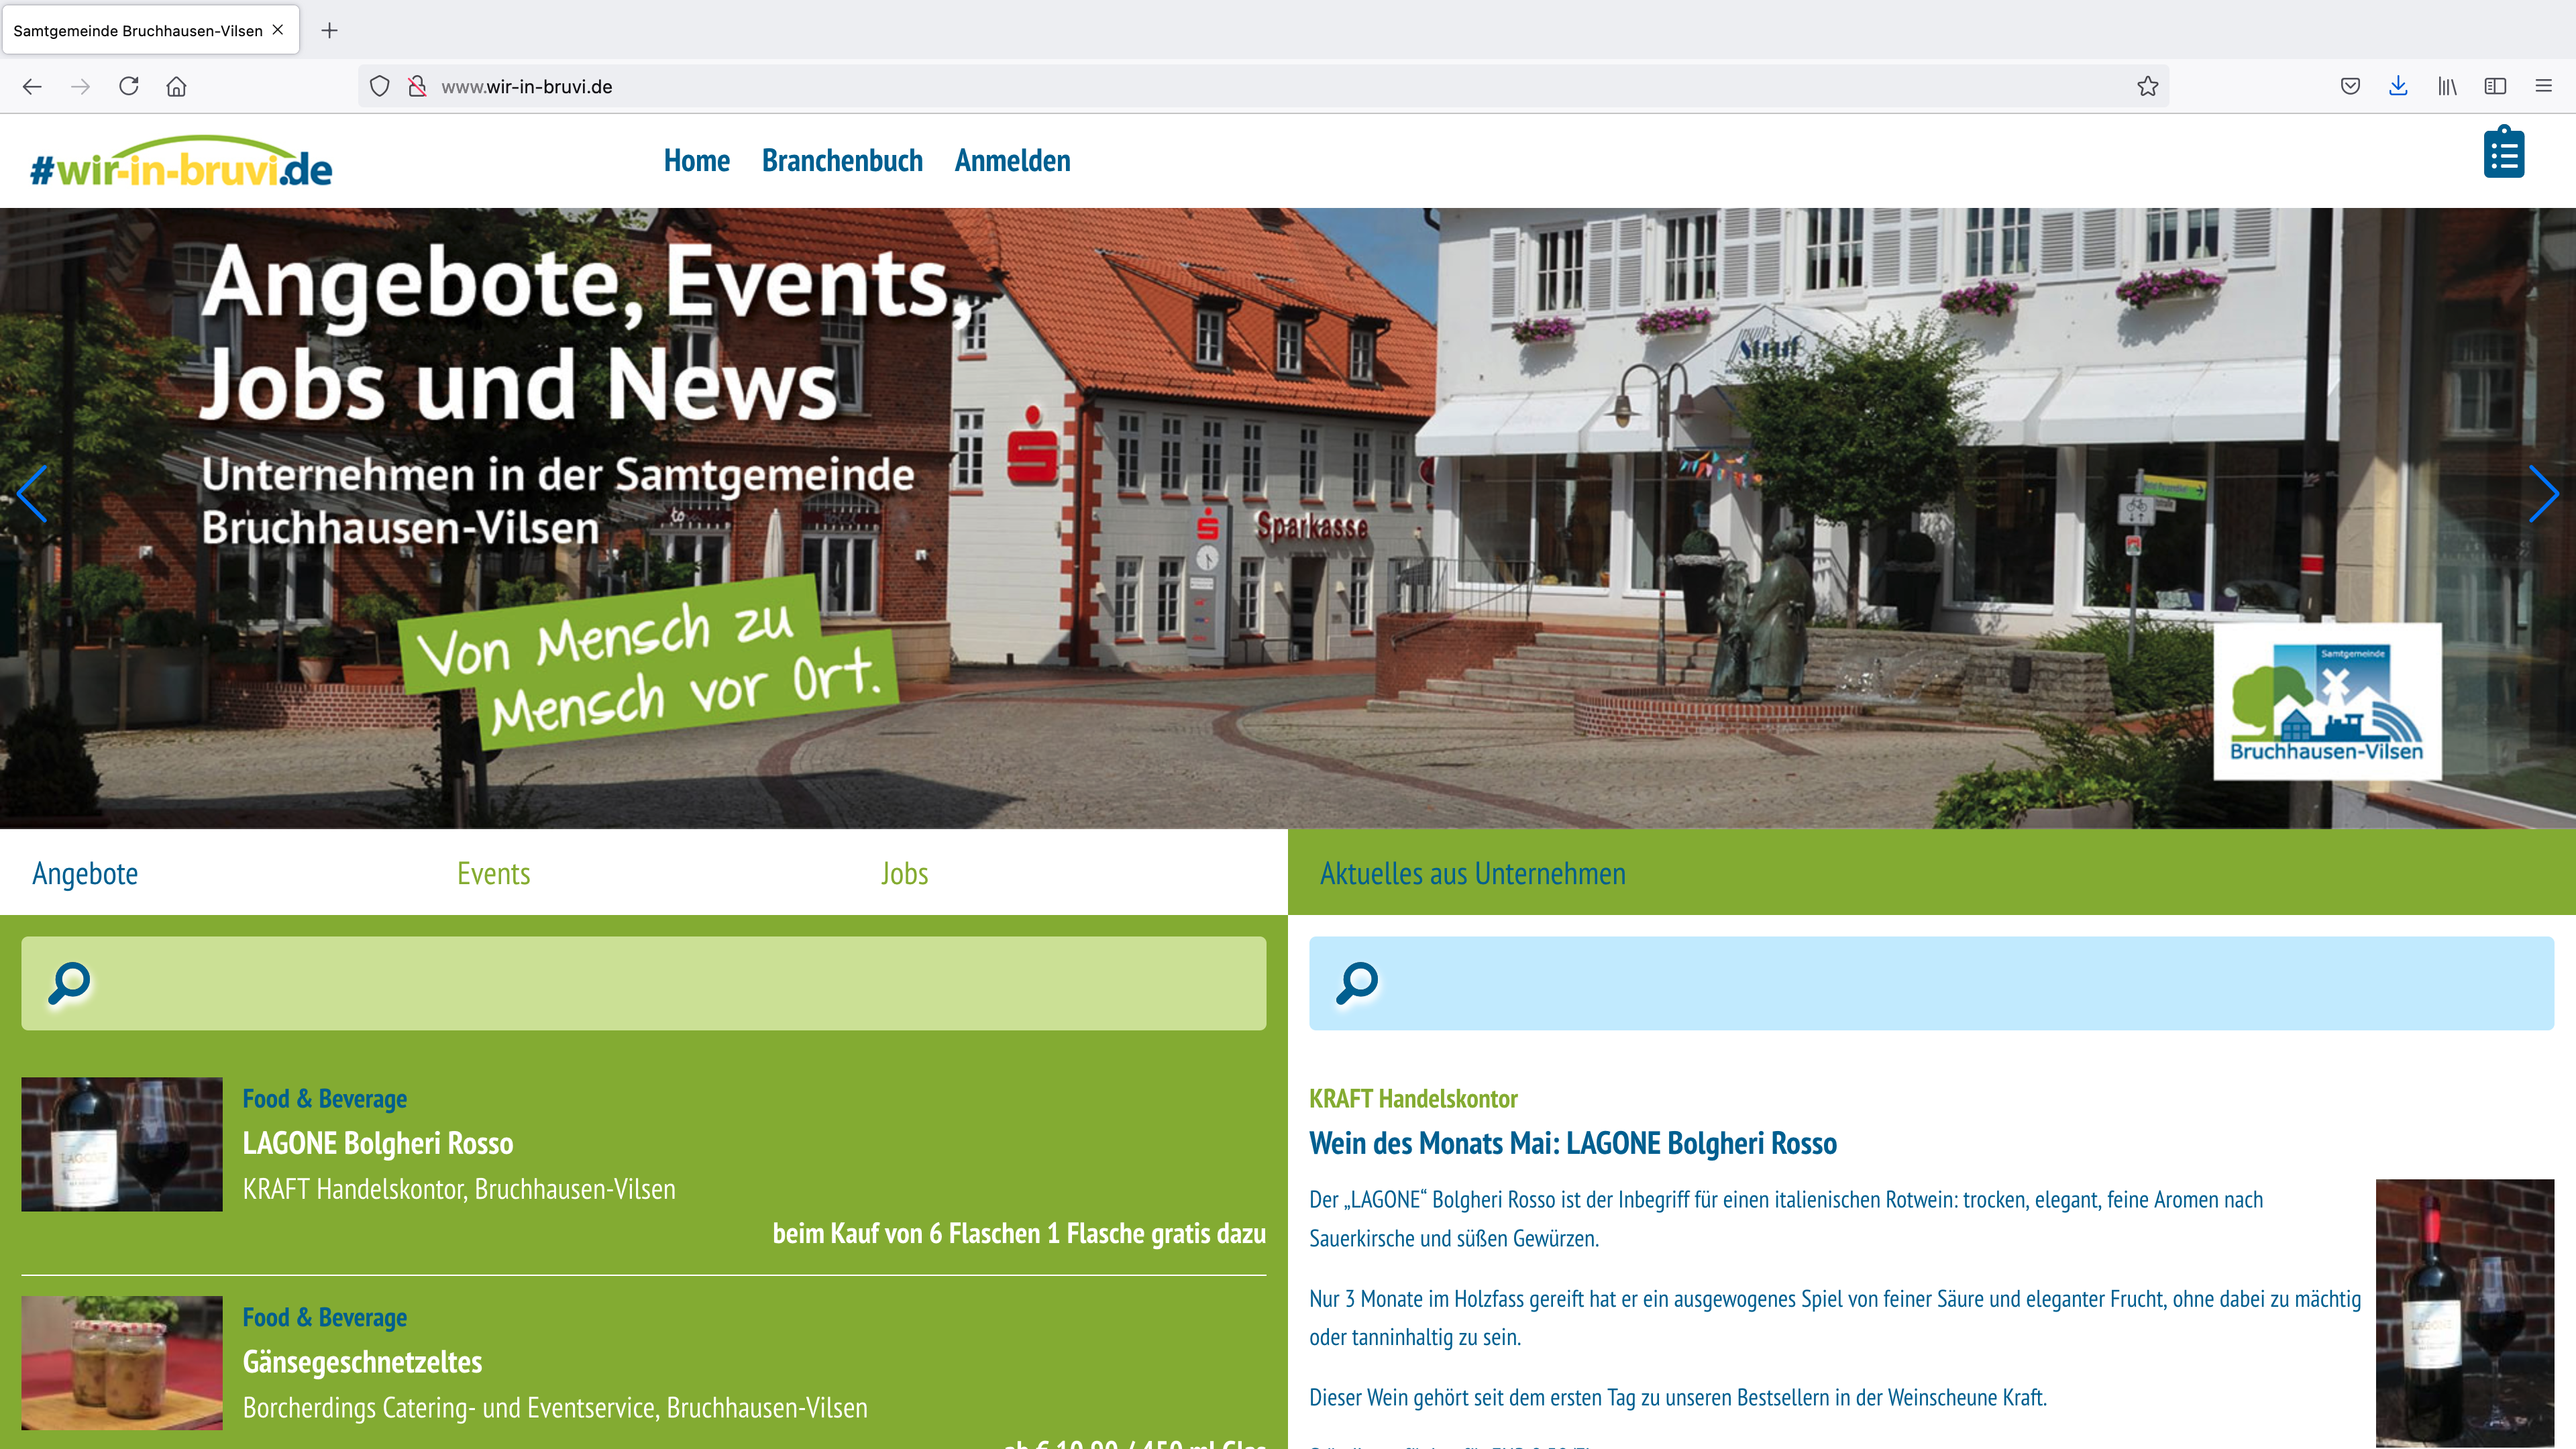 Bildschirmfoto 2021-06-16 um 11.08.41.png – Westermann GmbH